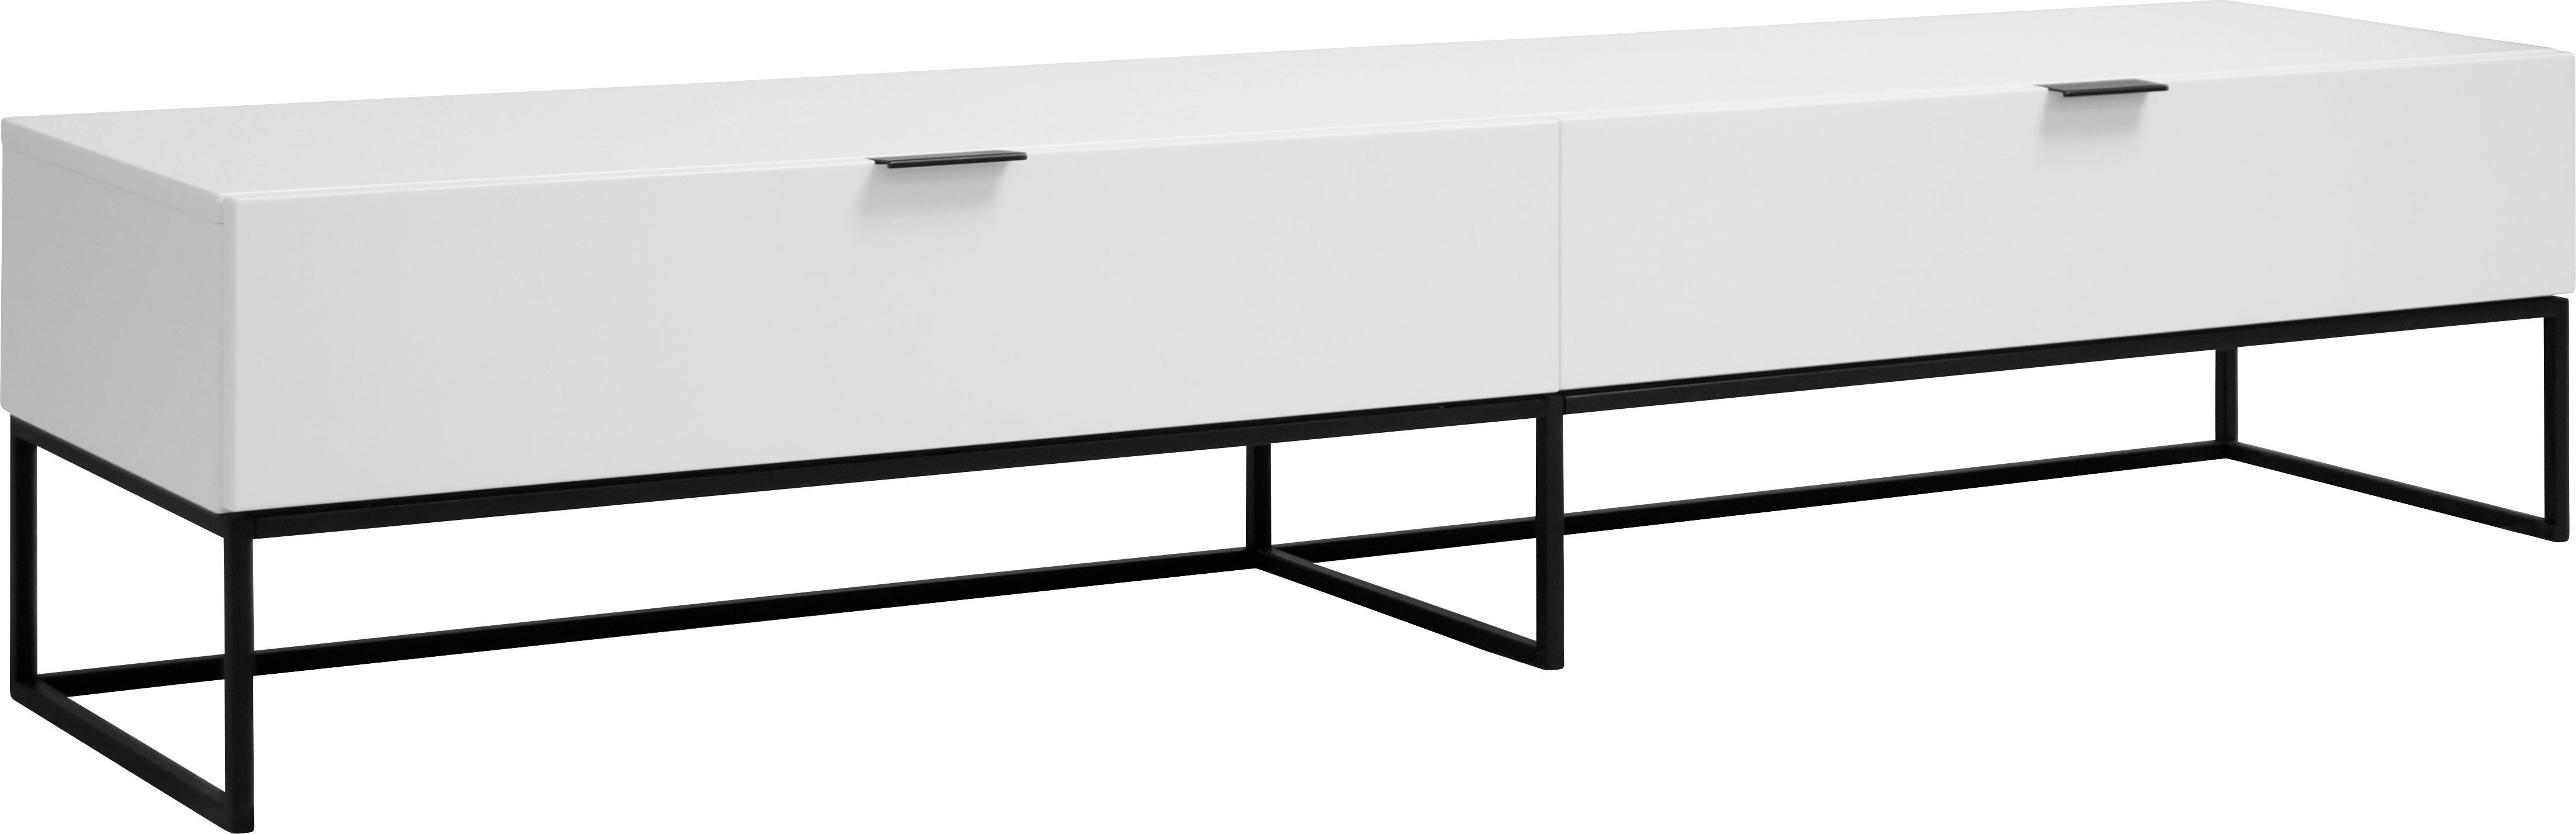 Weißes TV-Lowboard Kobe, Korpus: Weiß, matt Gestell und Griffe: Schwarz, matt, 200 x 40 cm